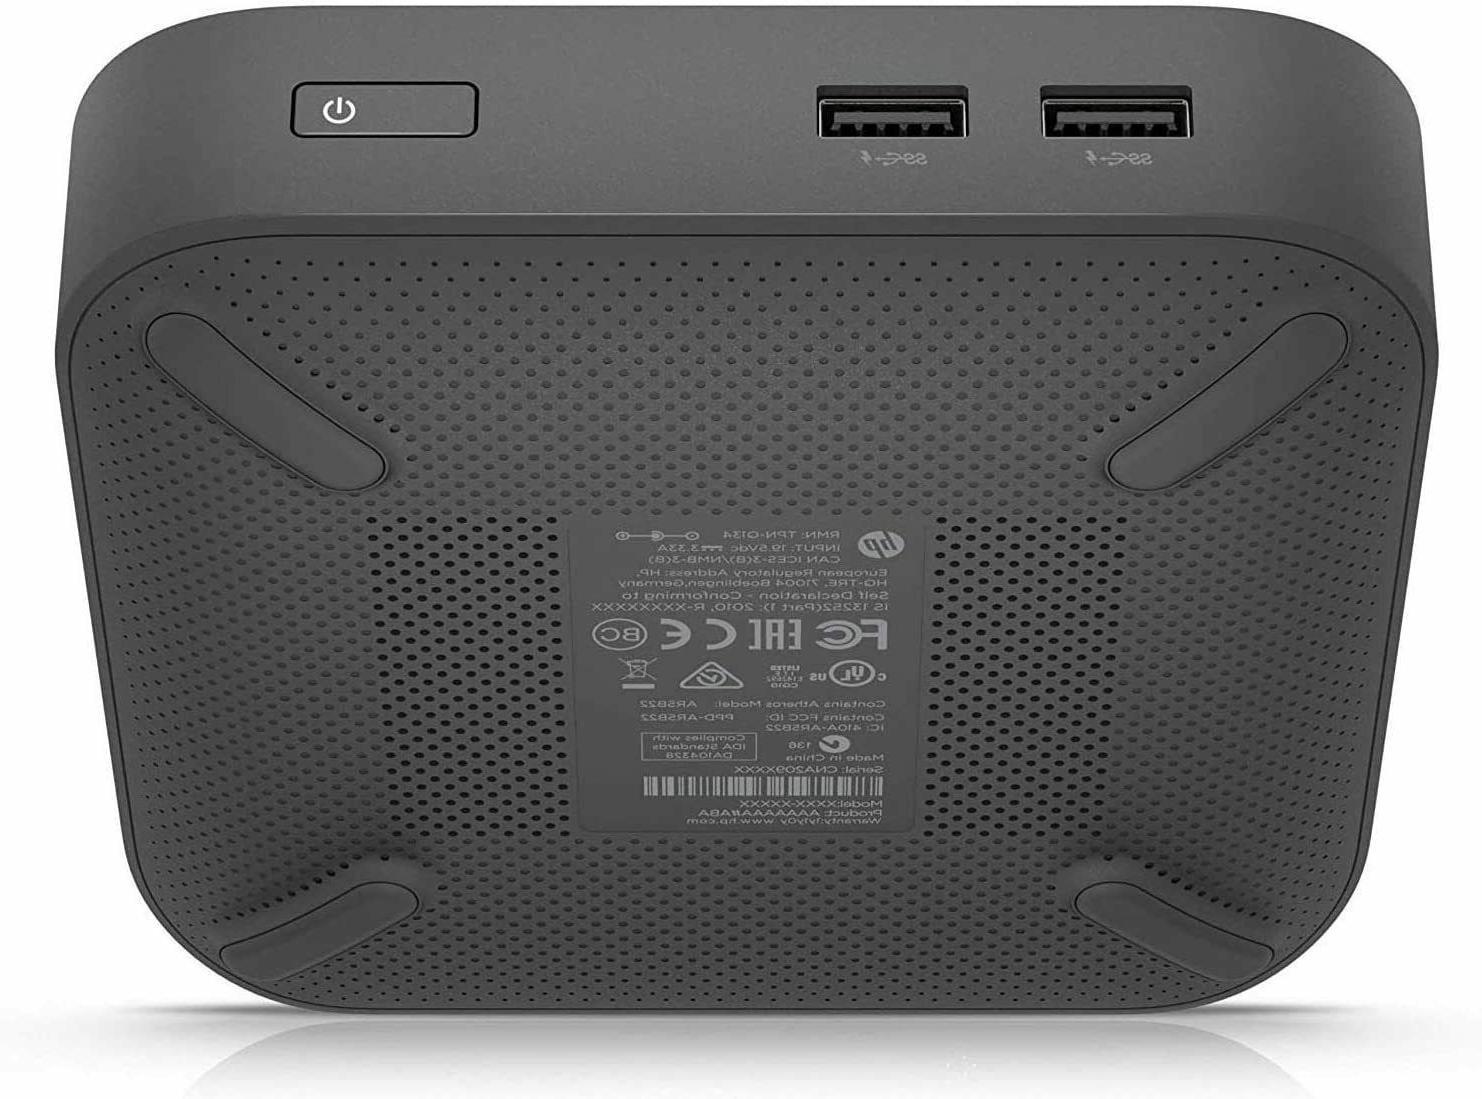 HP Chromebox RAM 16GB 2955U Desktop Computer